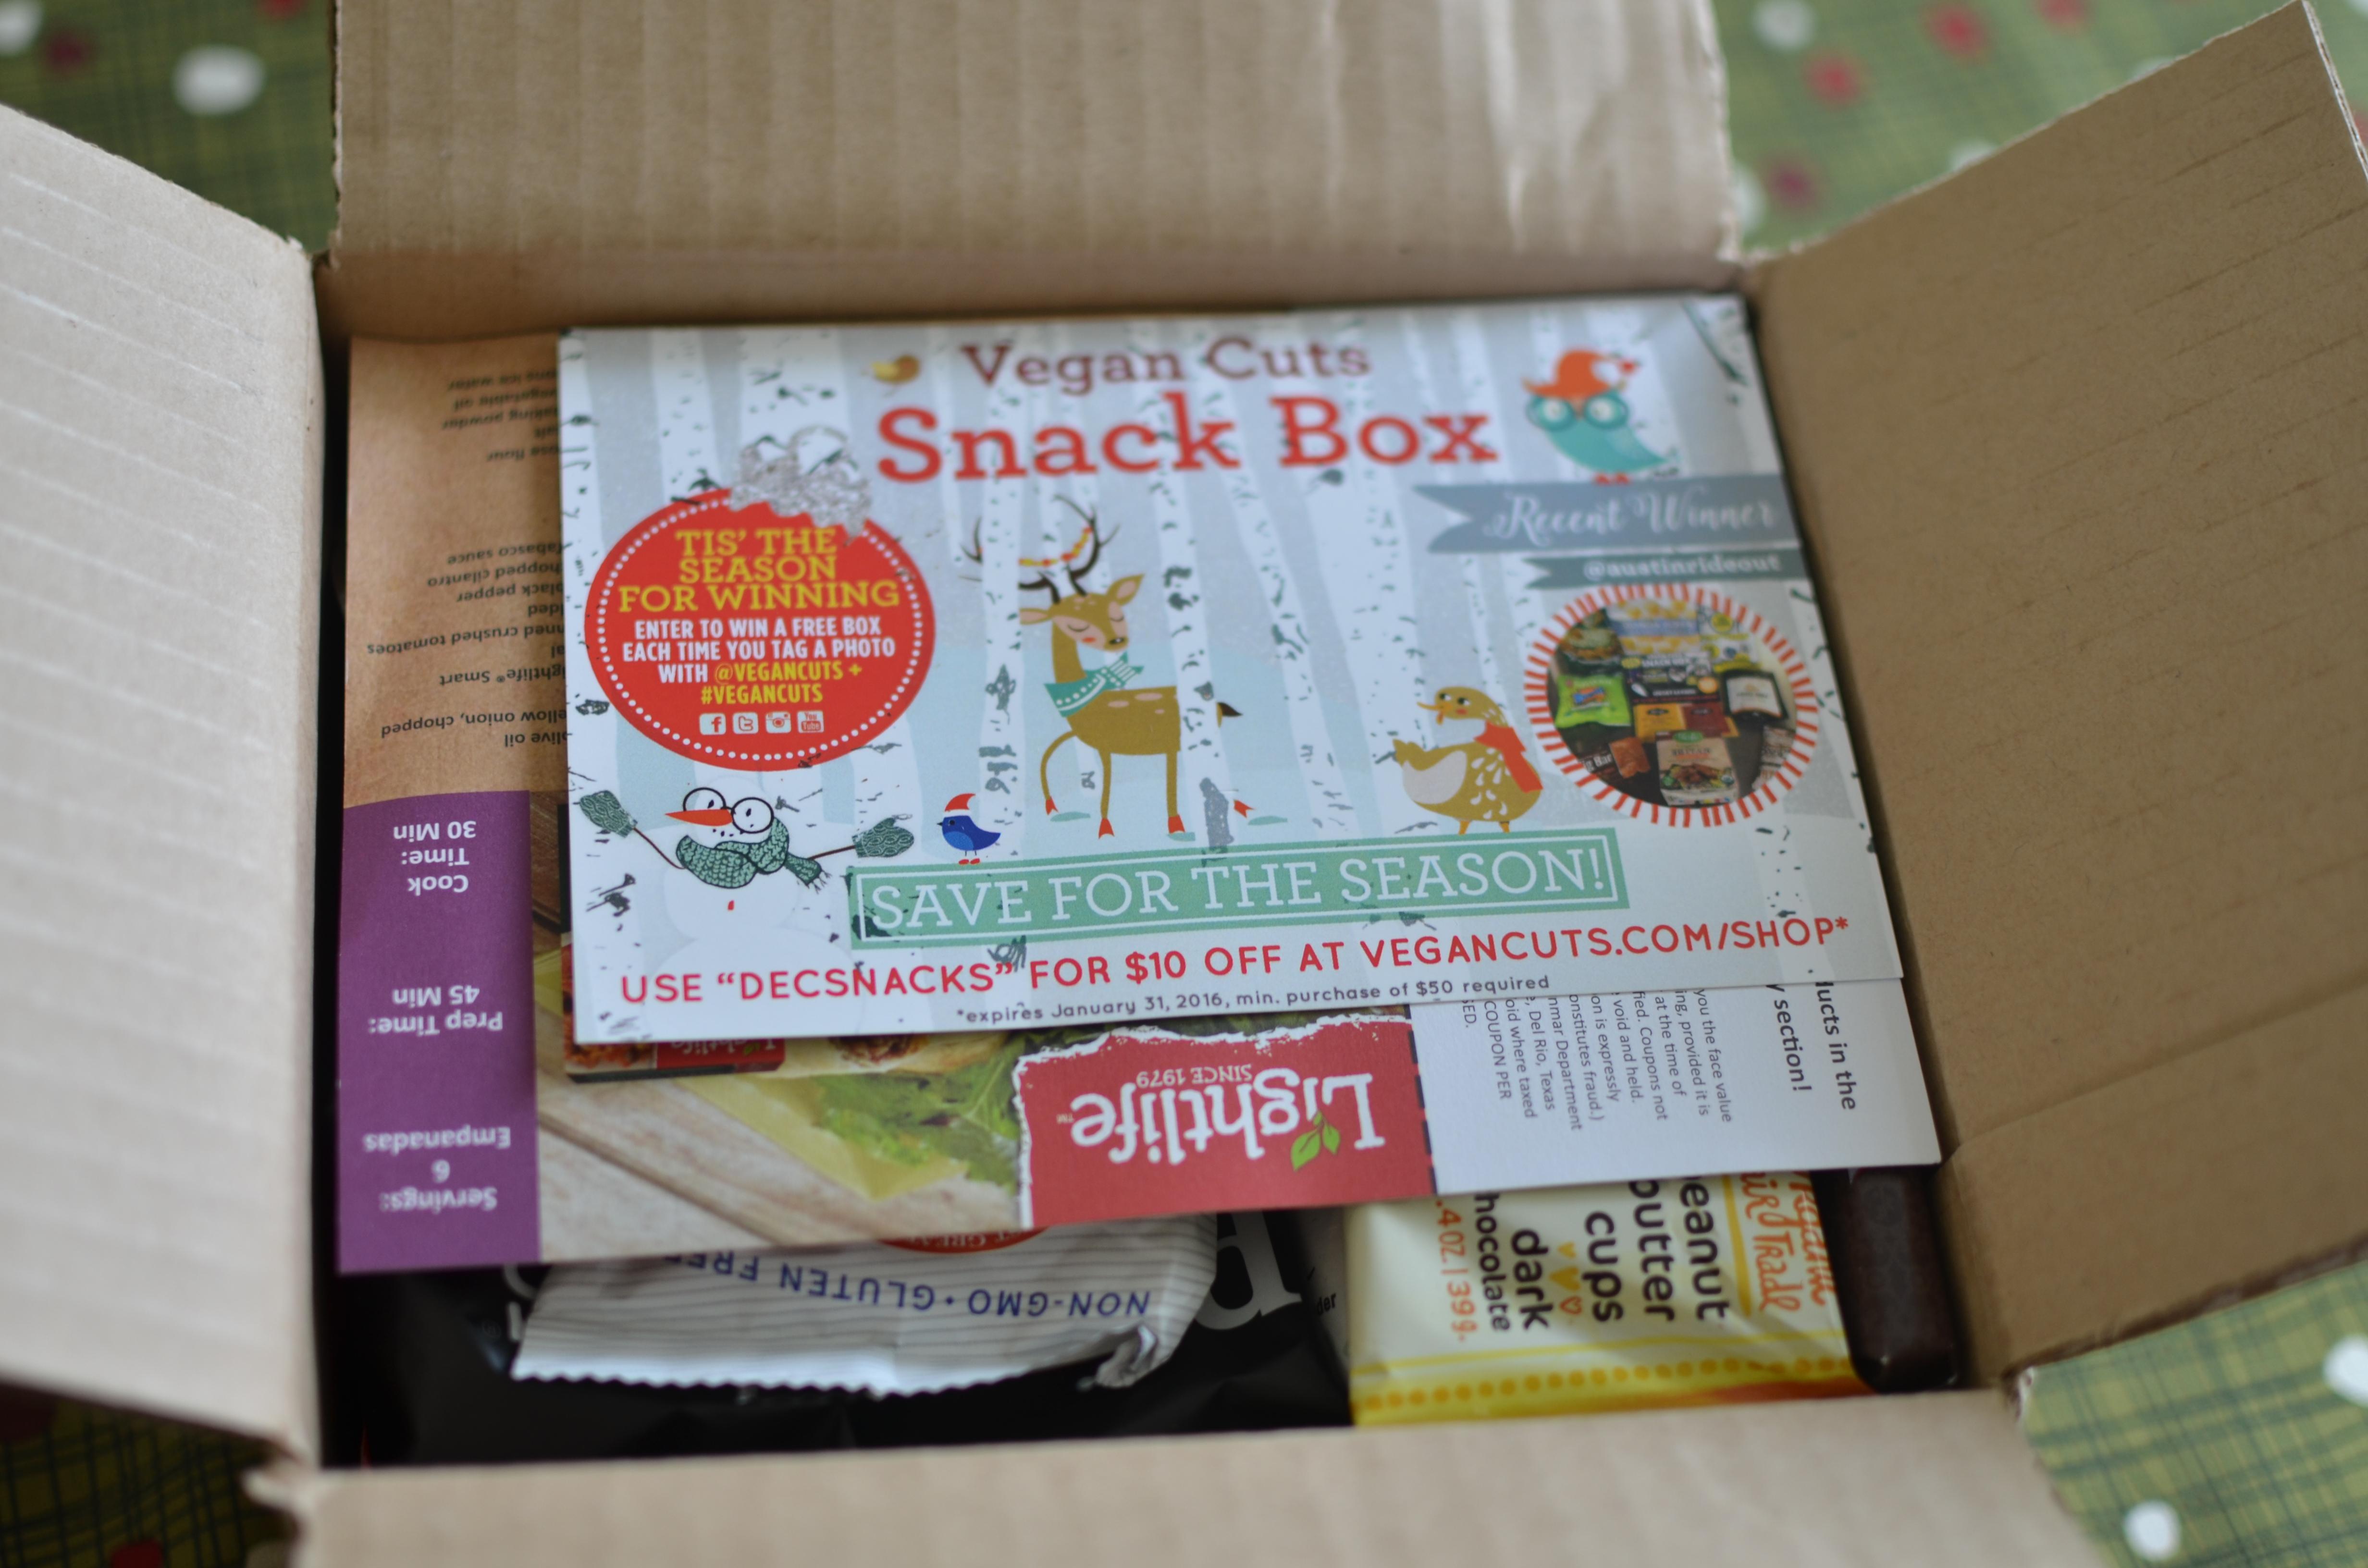 December Vegan Cuts Snack Box Review